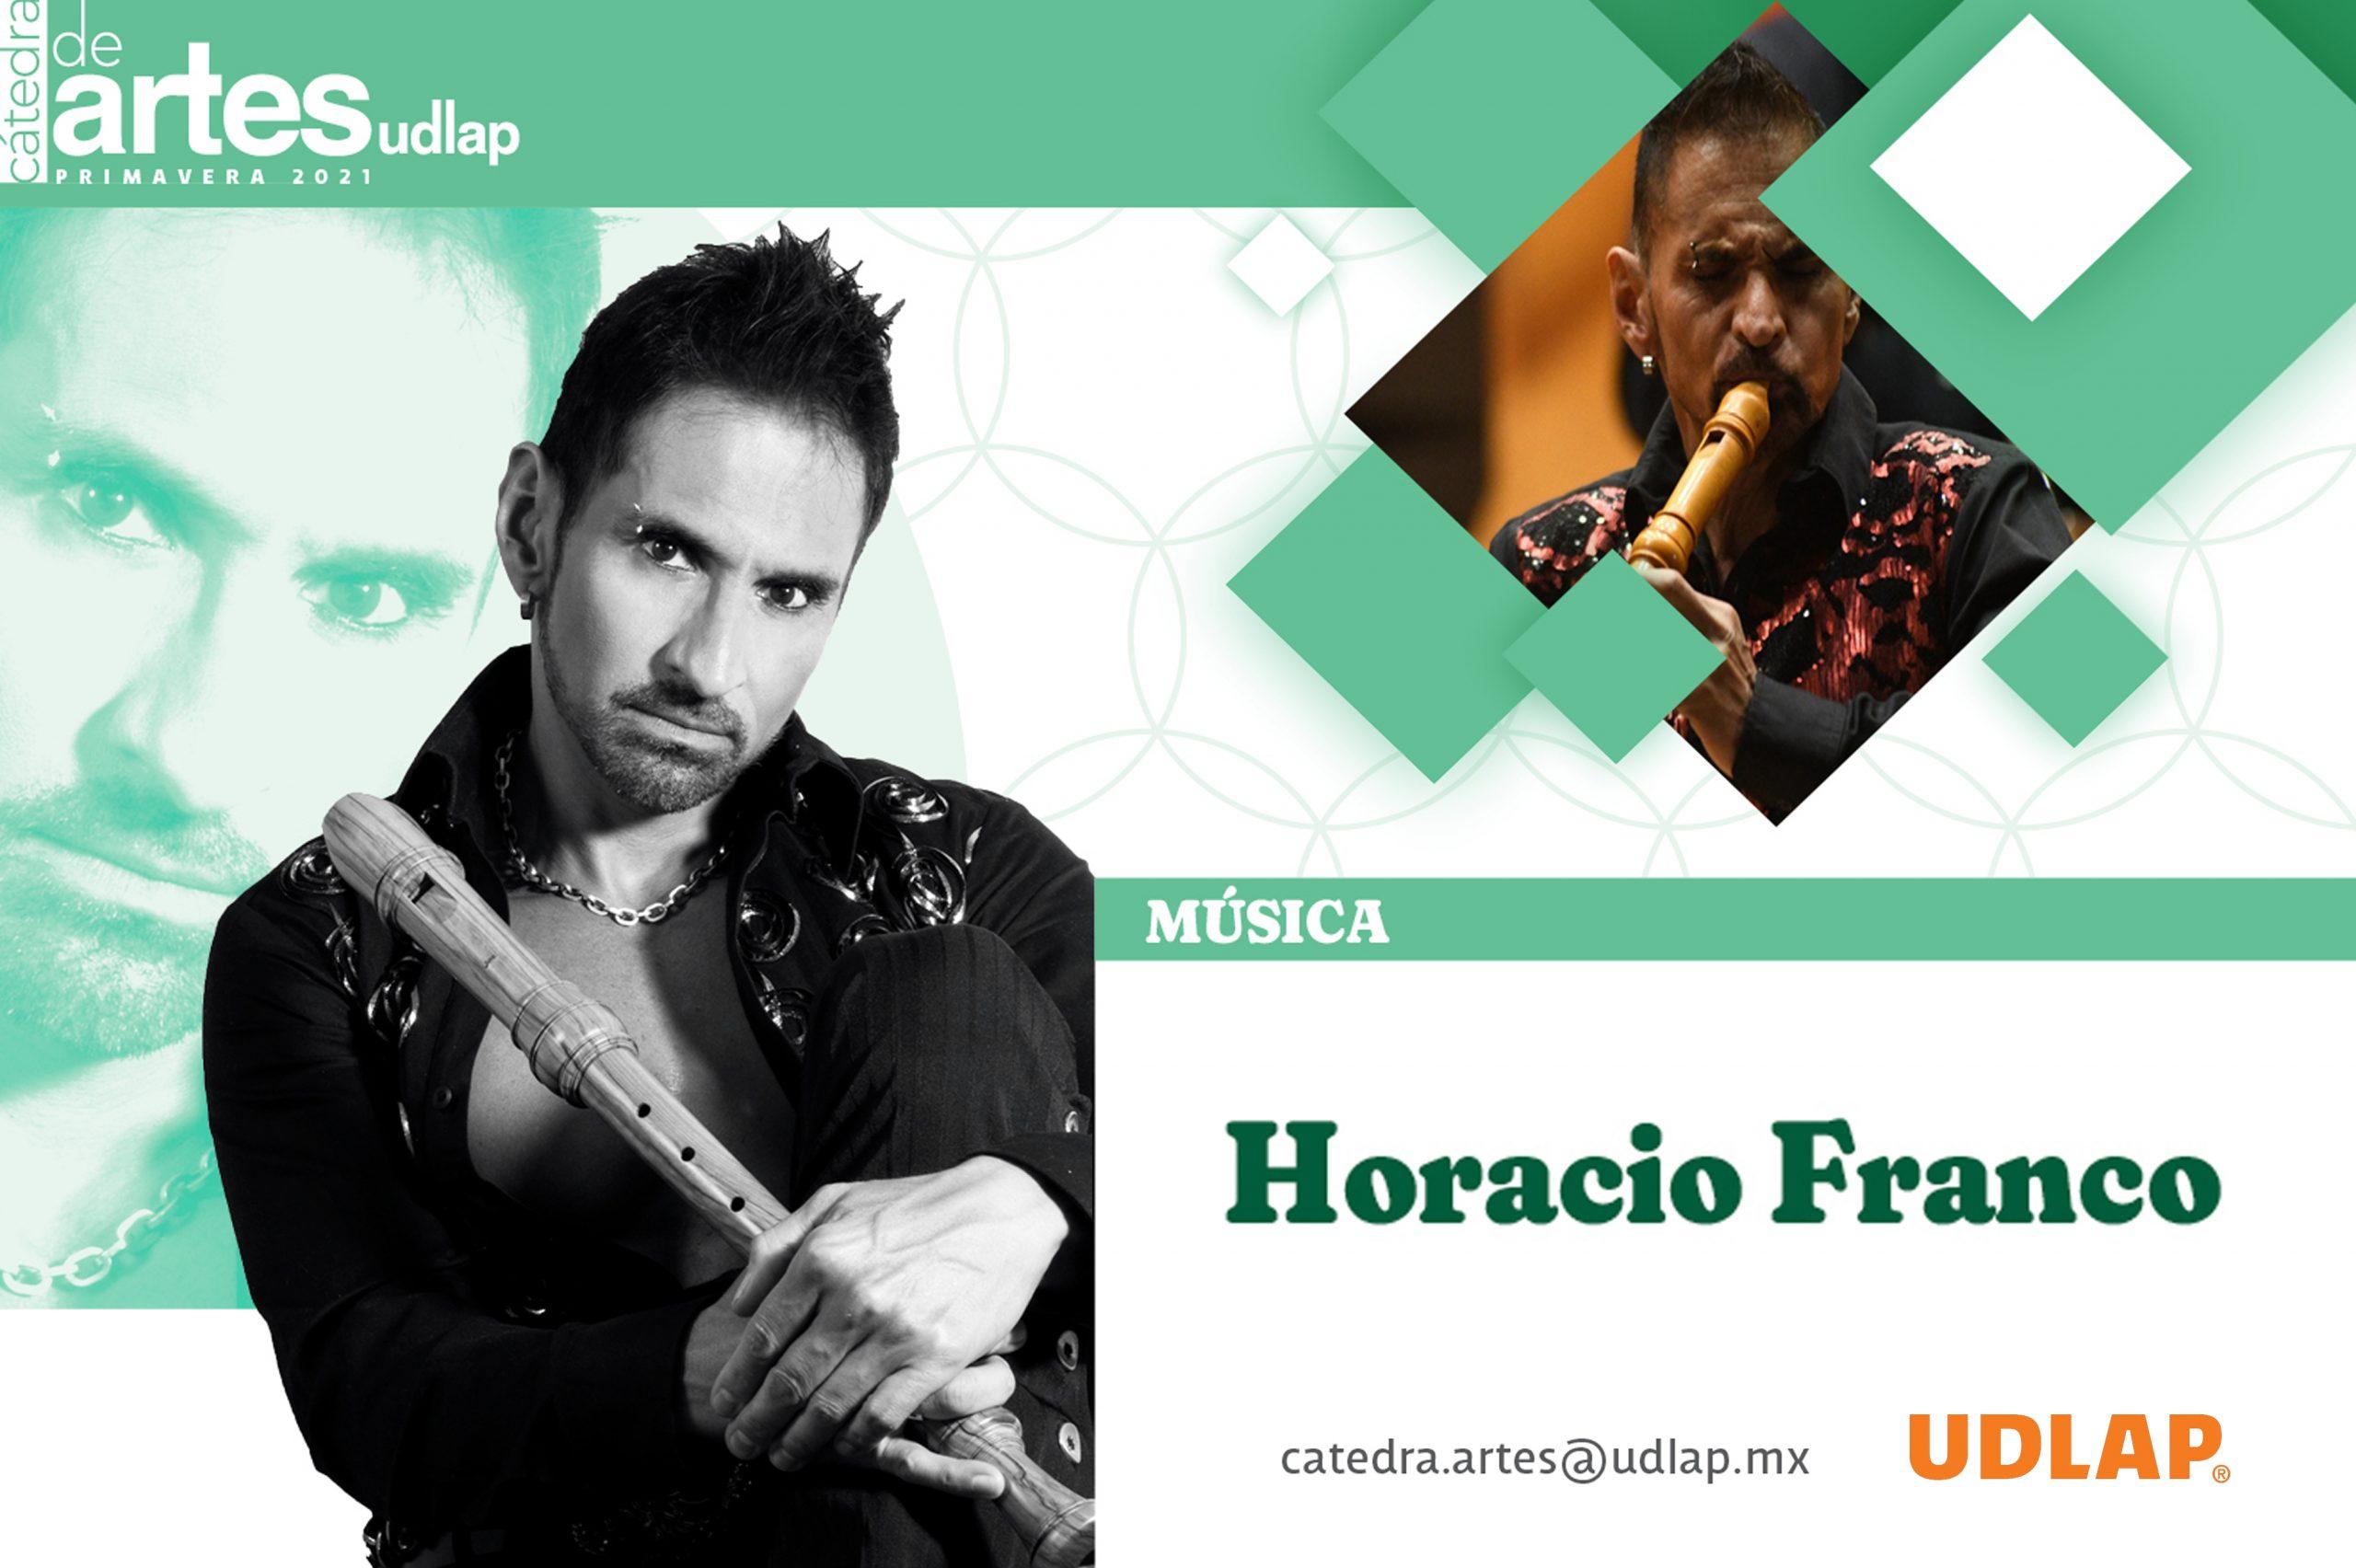 La UDLAP recibe al reconocido músico Horacio Franco en su Cátedra de Artes